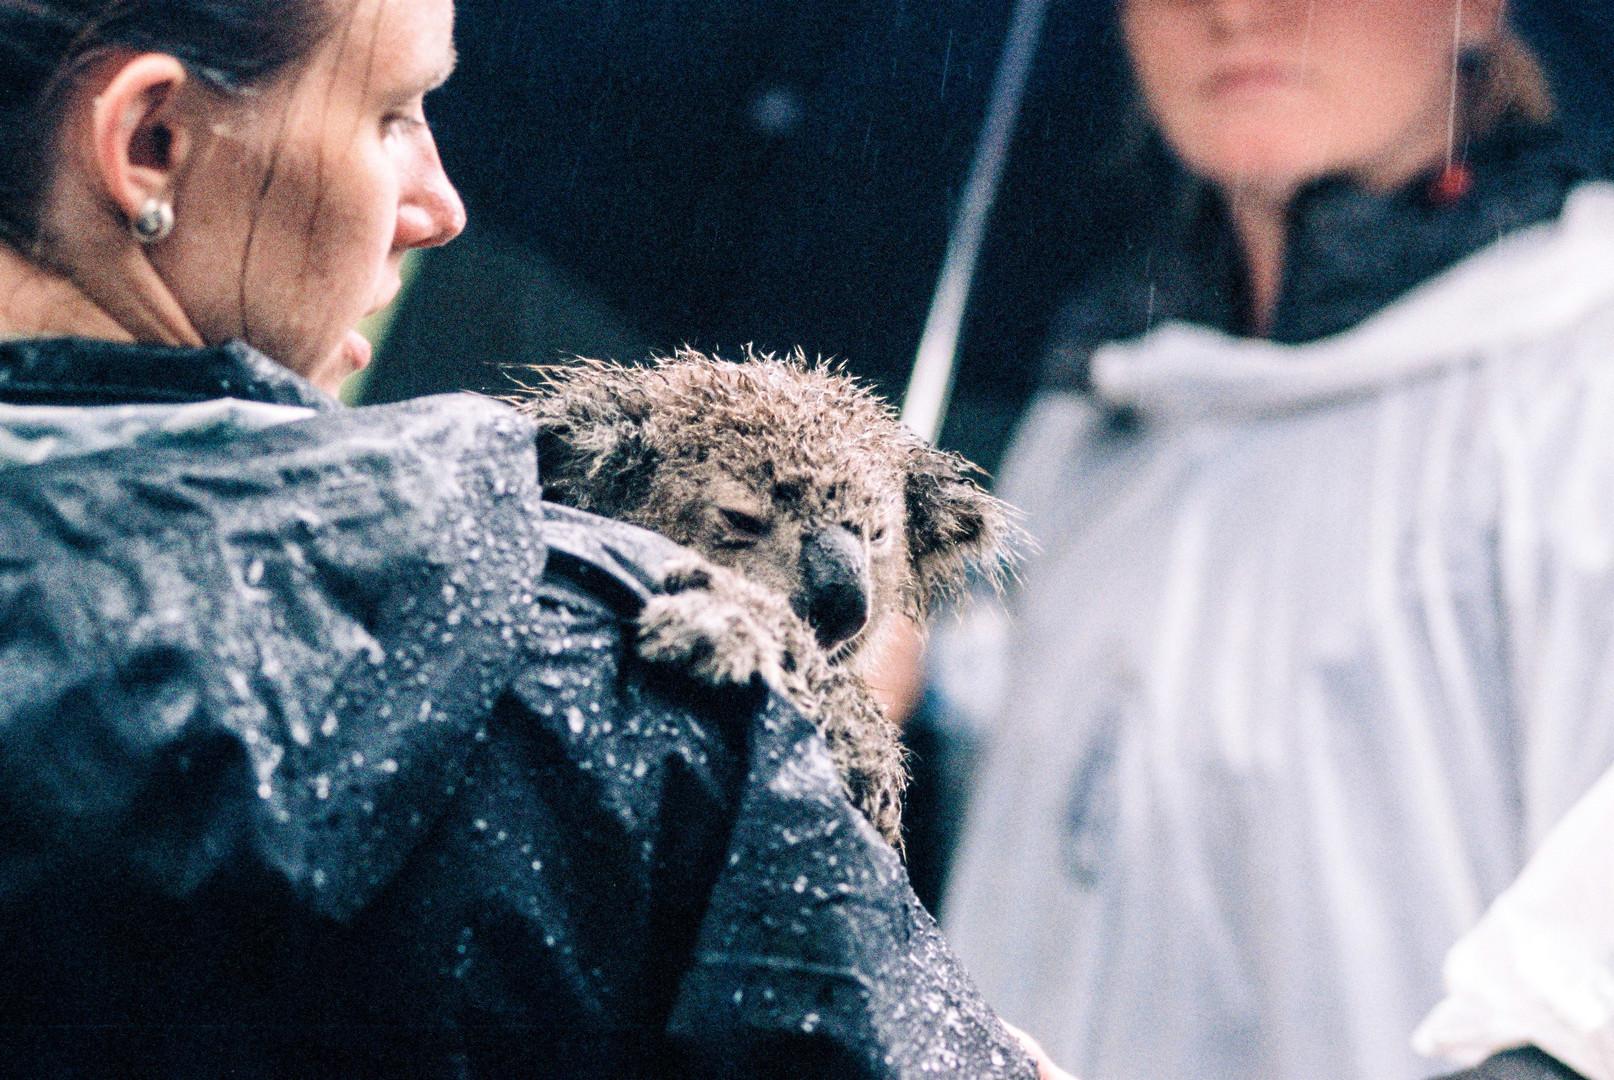 In Australia oltre 350 koala sono morti, dopo che gli incendi hanno distrutto migliaia di ettari dei loro habitat nel nord del New South Wales e nel sudest del Queensland. La popolazione locale si sta mobilitando per salvarli: il Koala Hospital di Port Macquarie ha in cura 31 esemplari recuperati in diverse località. I koala vengono reidratati e le loro ustioni vengono trattate con creme e fasciature.  Fonte: Repubblica.it Photo credit: Simon Peel on Unsplash